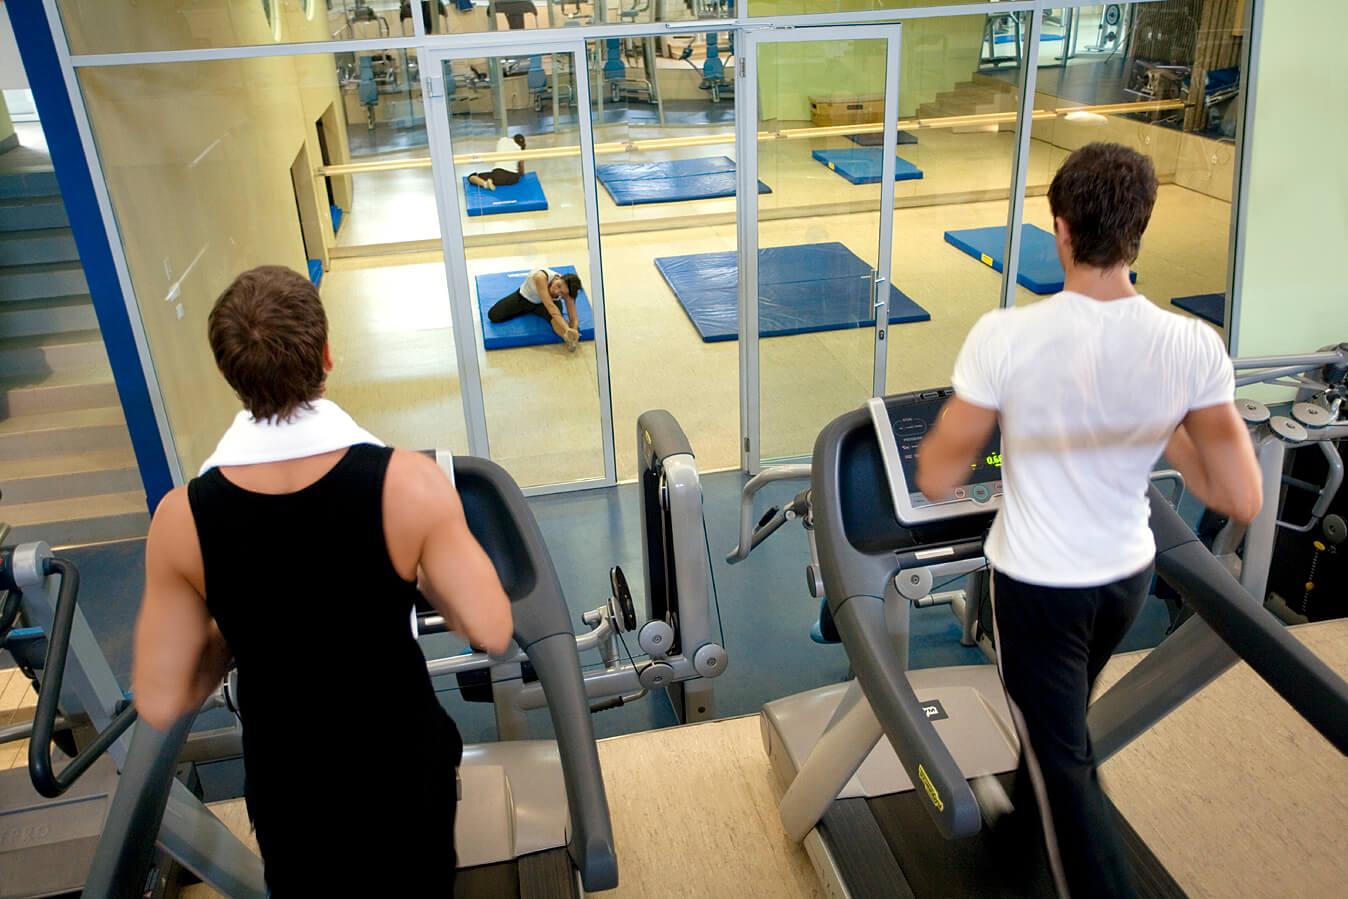 Fitnessraum Trainingslager Kroatien